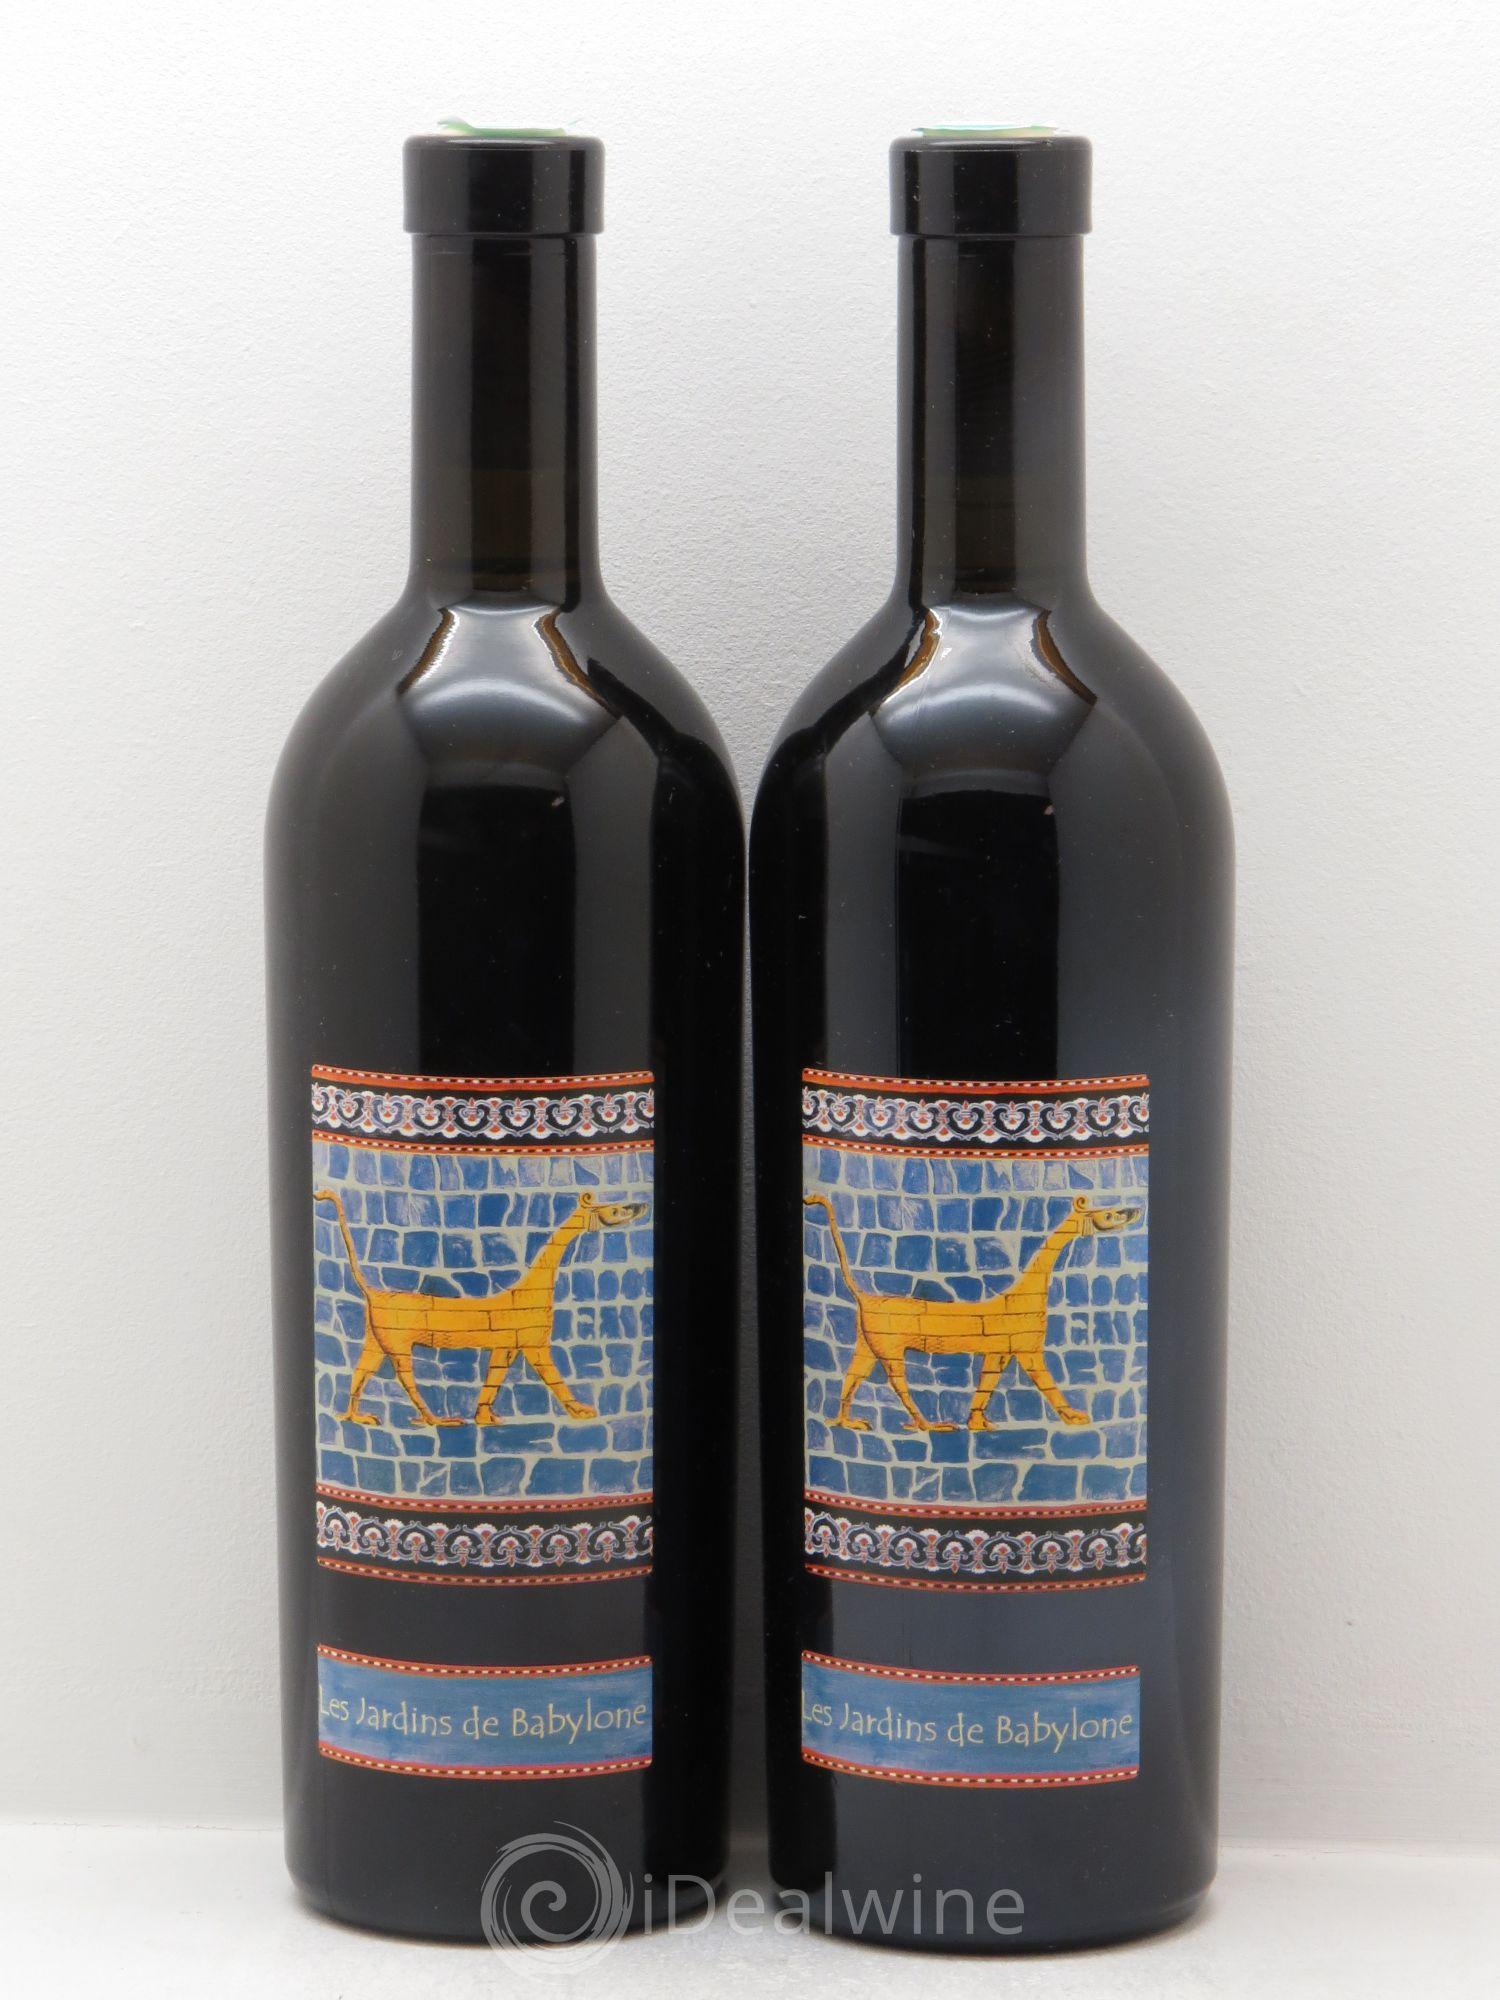 Liste des vins de didier dagueneau en vente idealwine for Jardin de babylone wine